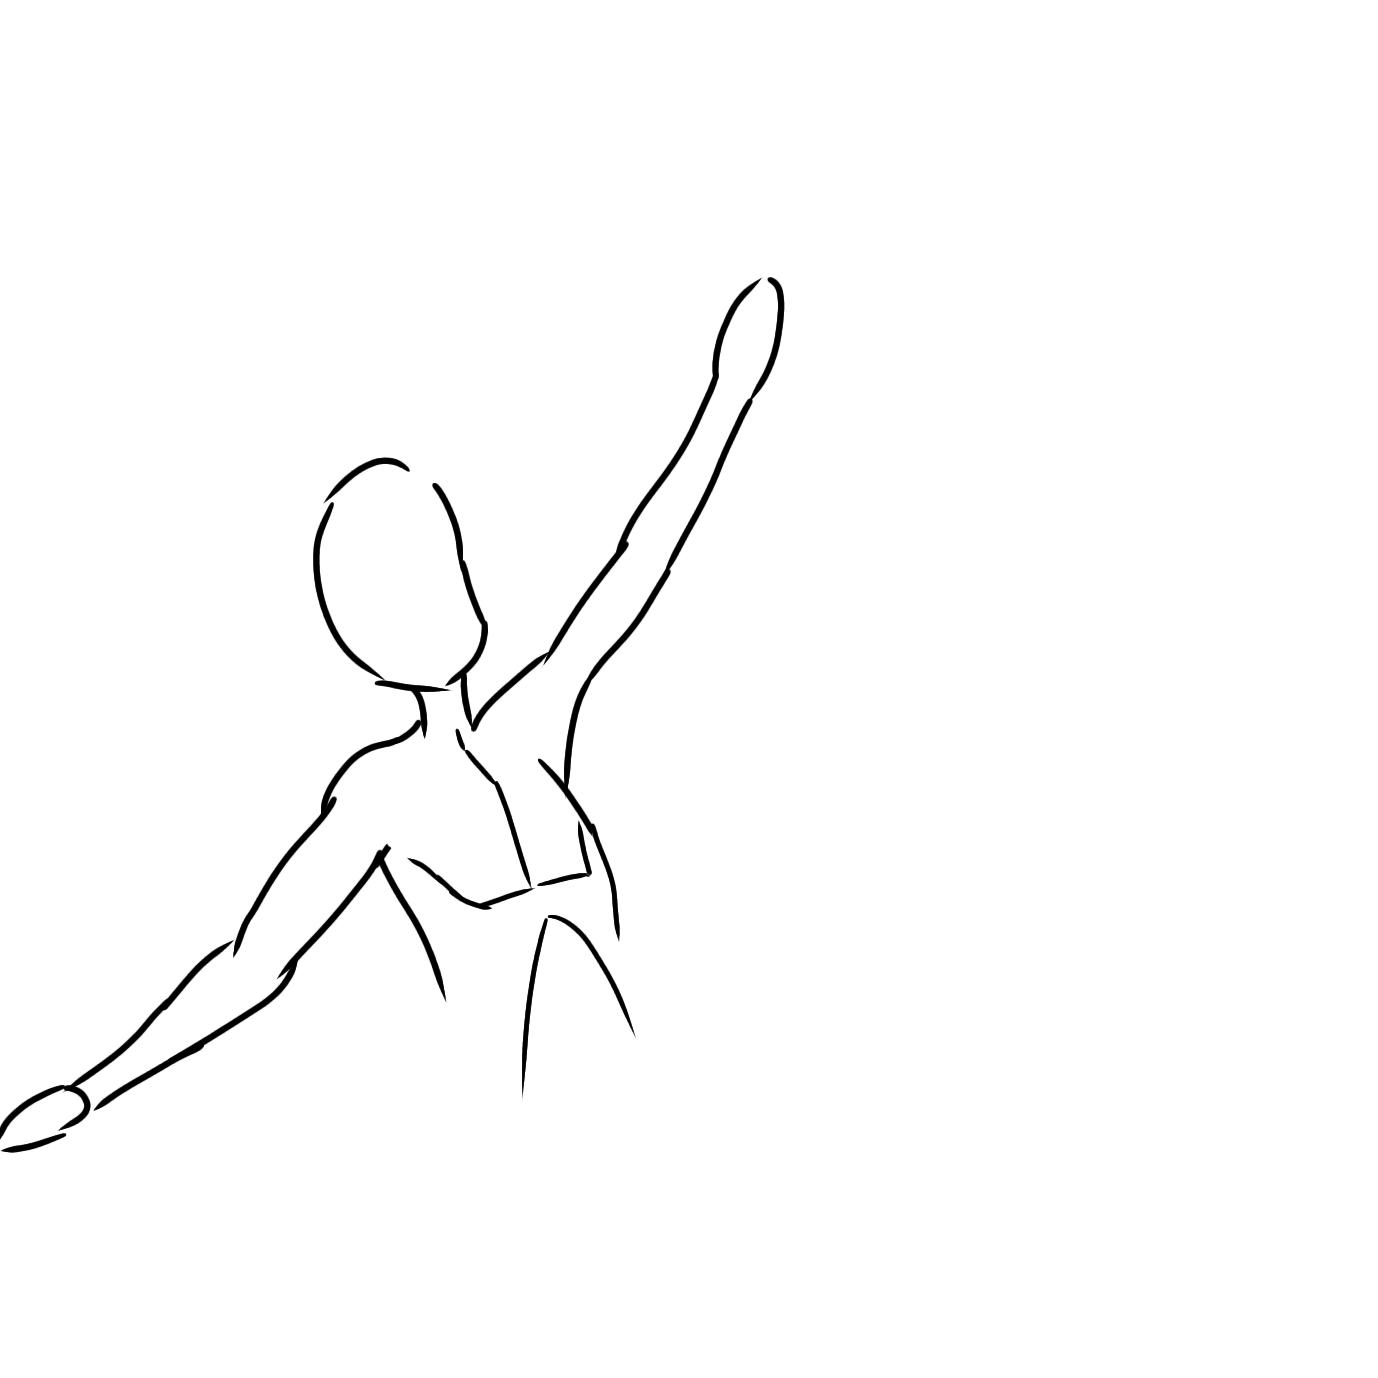 腕よりも身体が立体的になったことが嬉しい